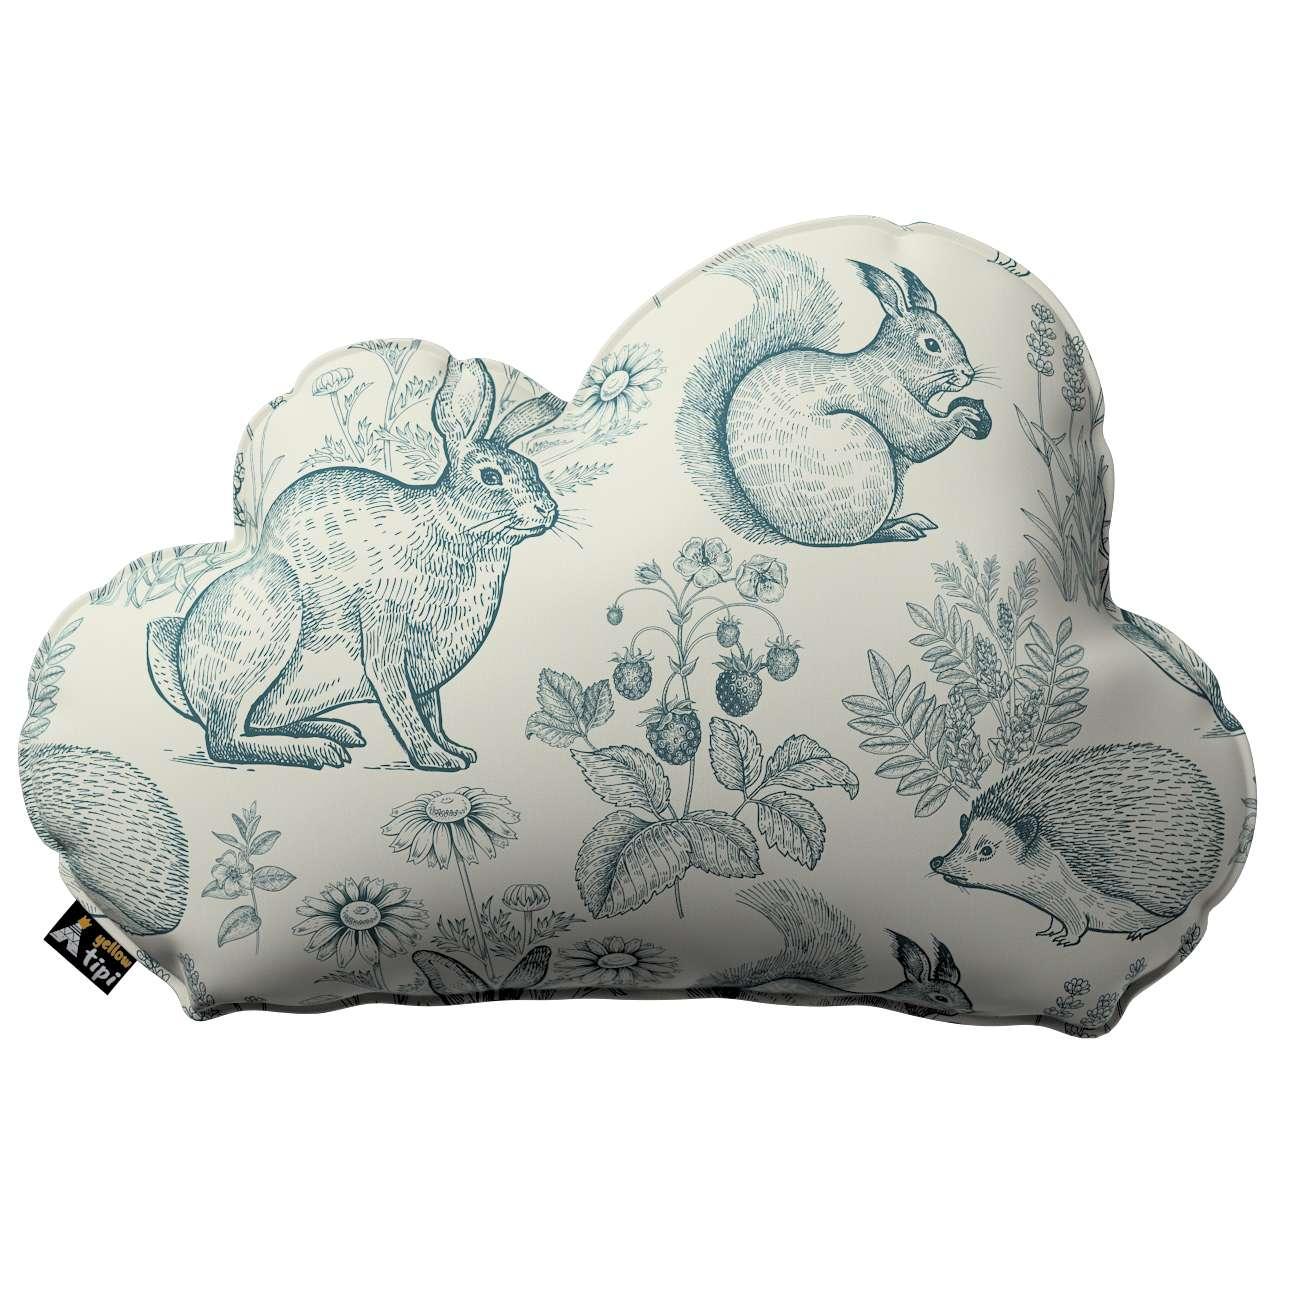 Kissen Soft Cloud von der Kollektion Magic Collection, Stoff: 500-04